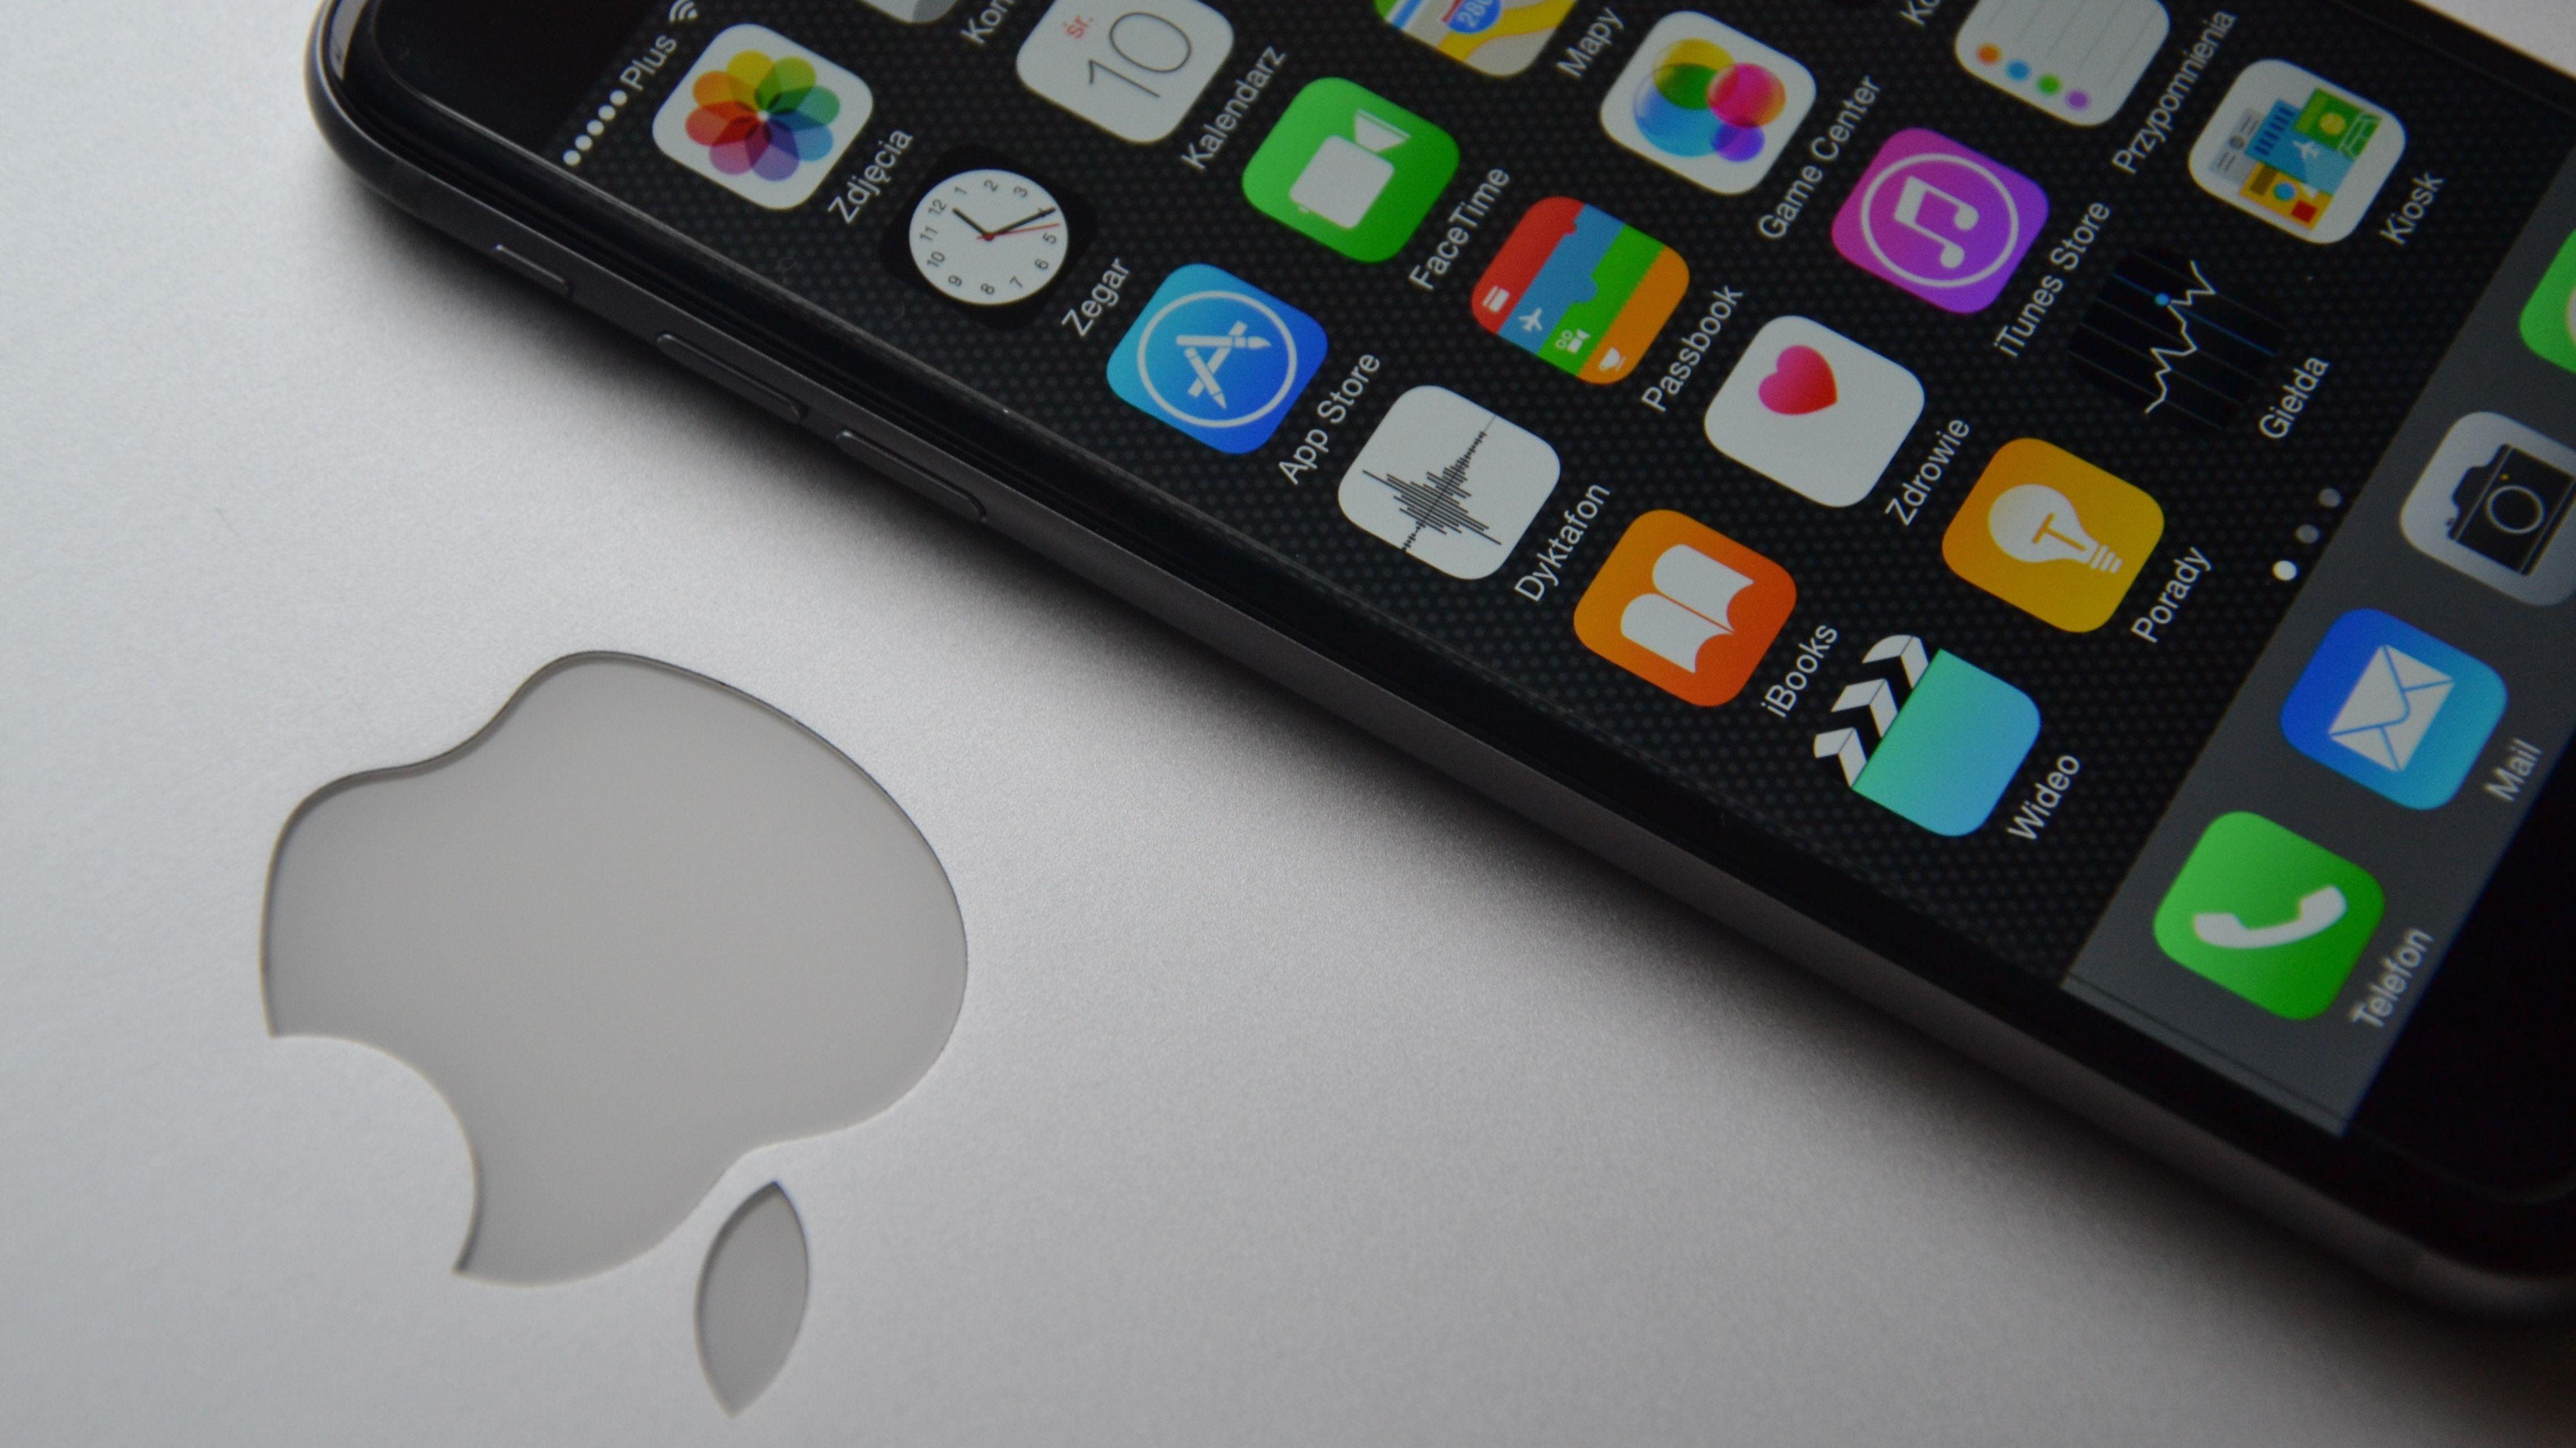 Apple hat offenbar Probleme mit seinem iOS 13 Update